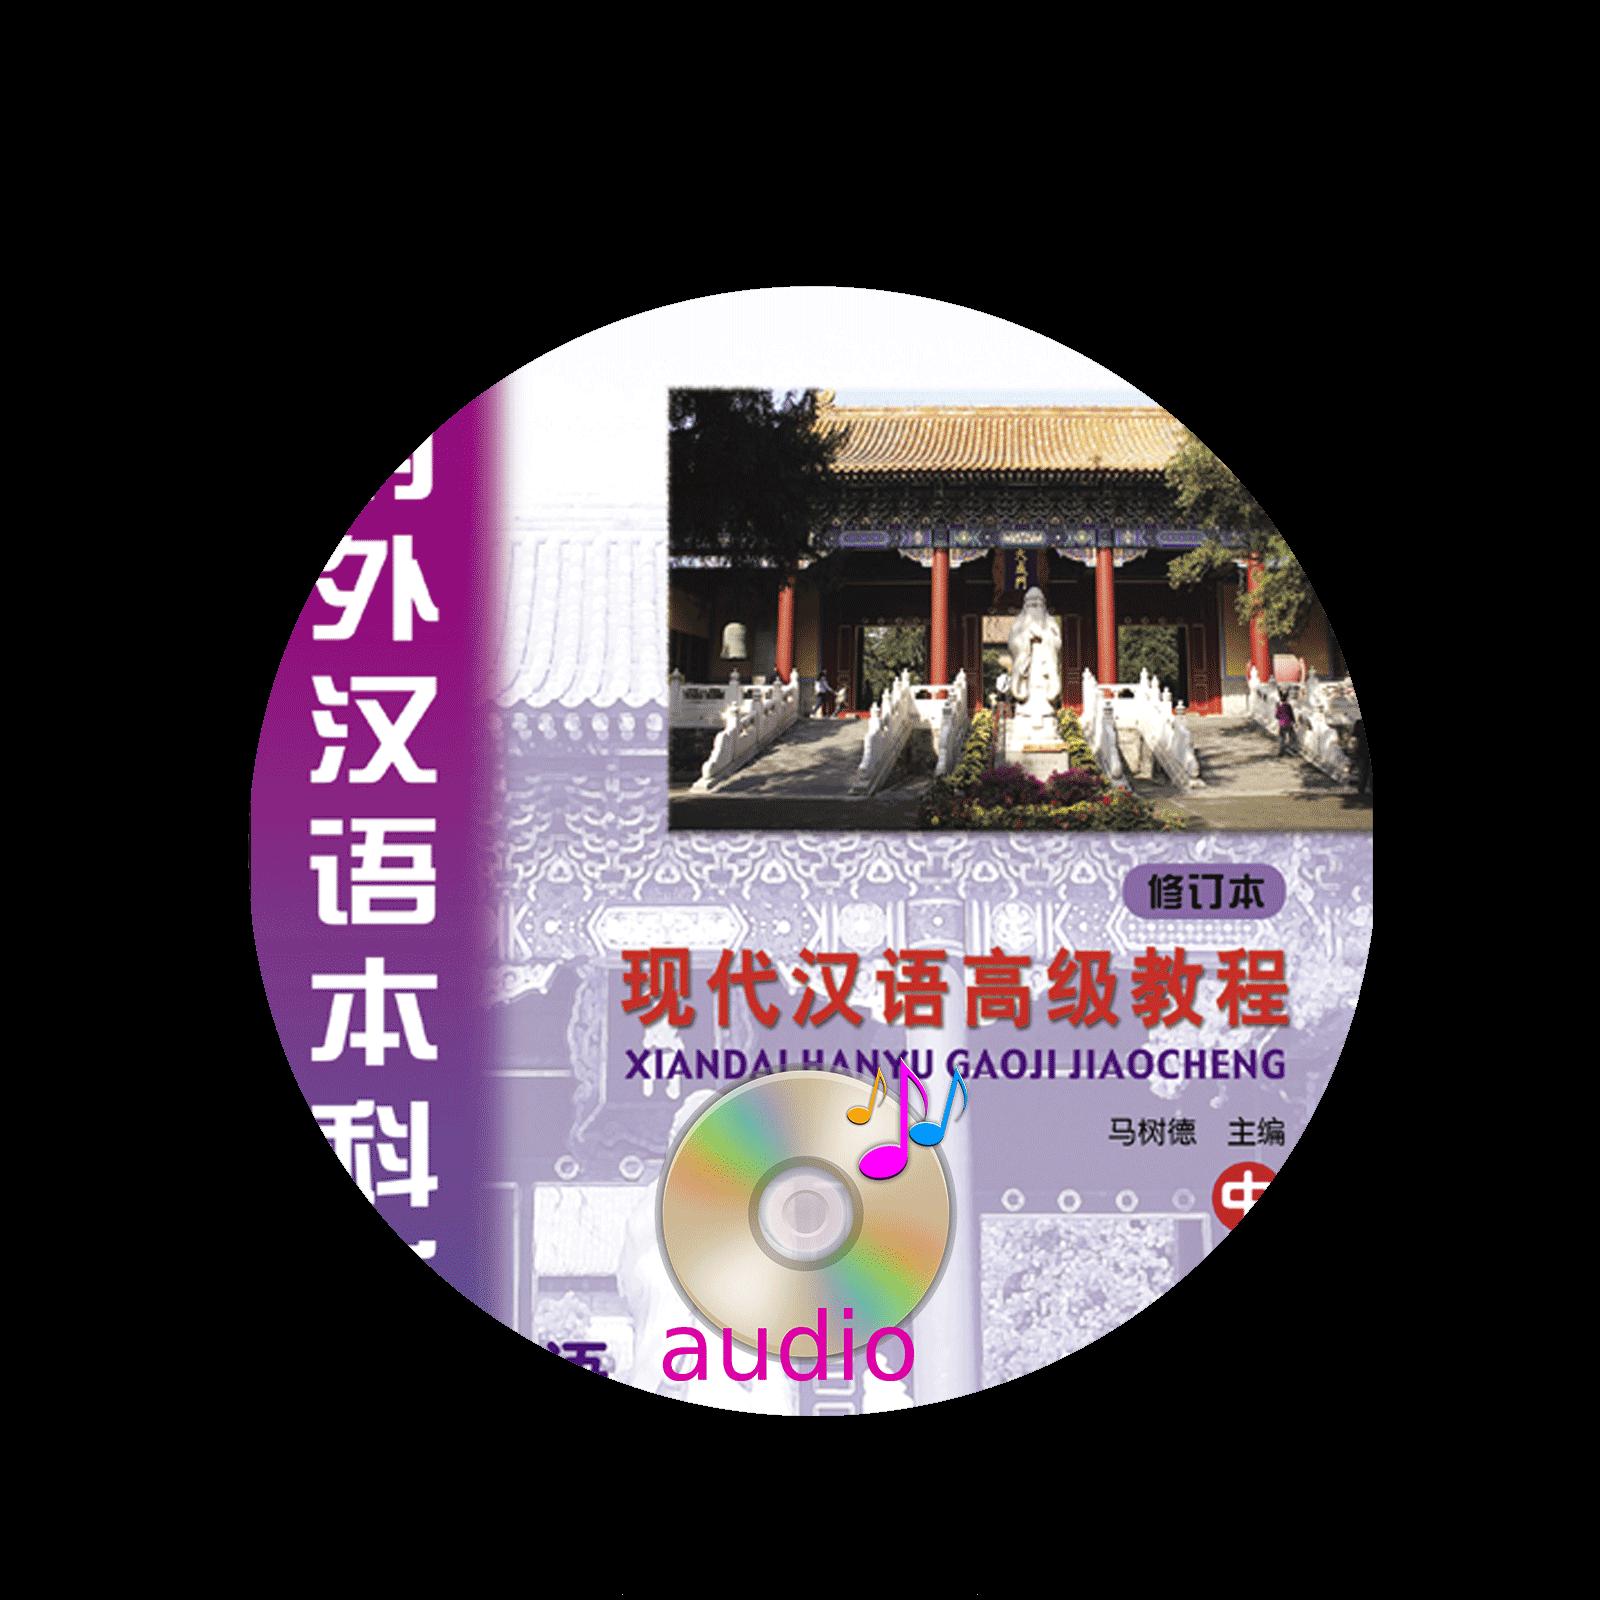 Xiandai Hanyu Gaoji Jiaocheng 2 Xiudingban Audio